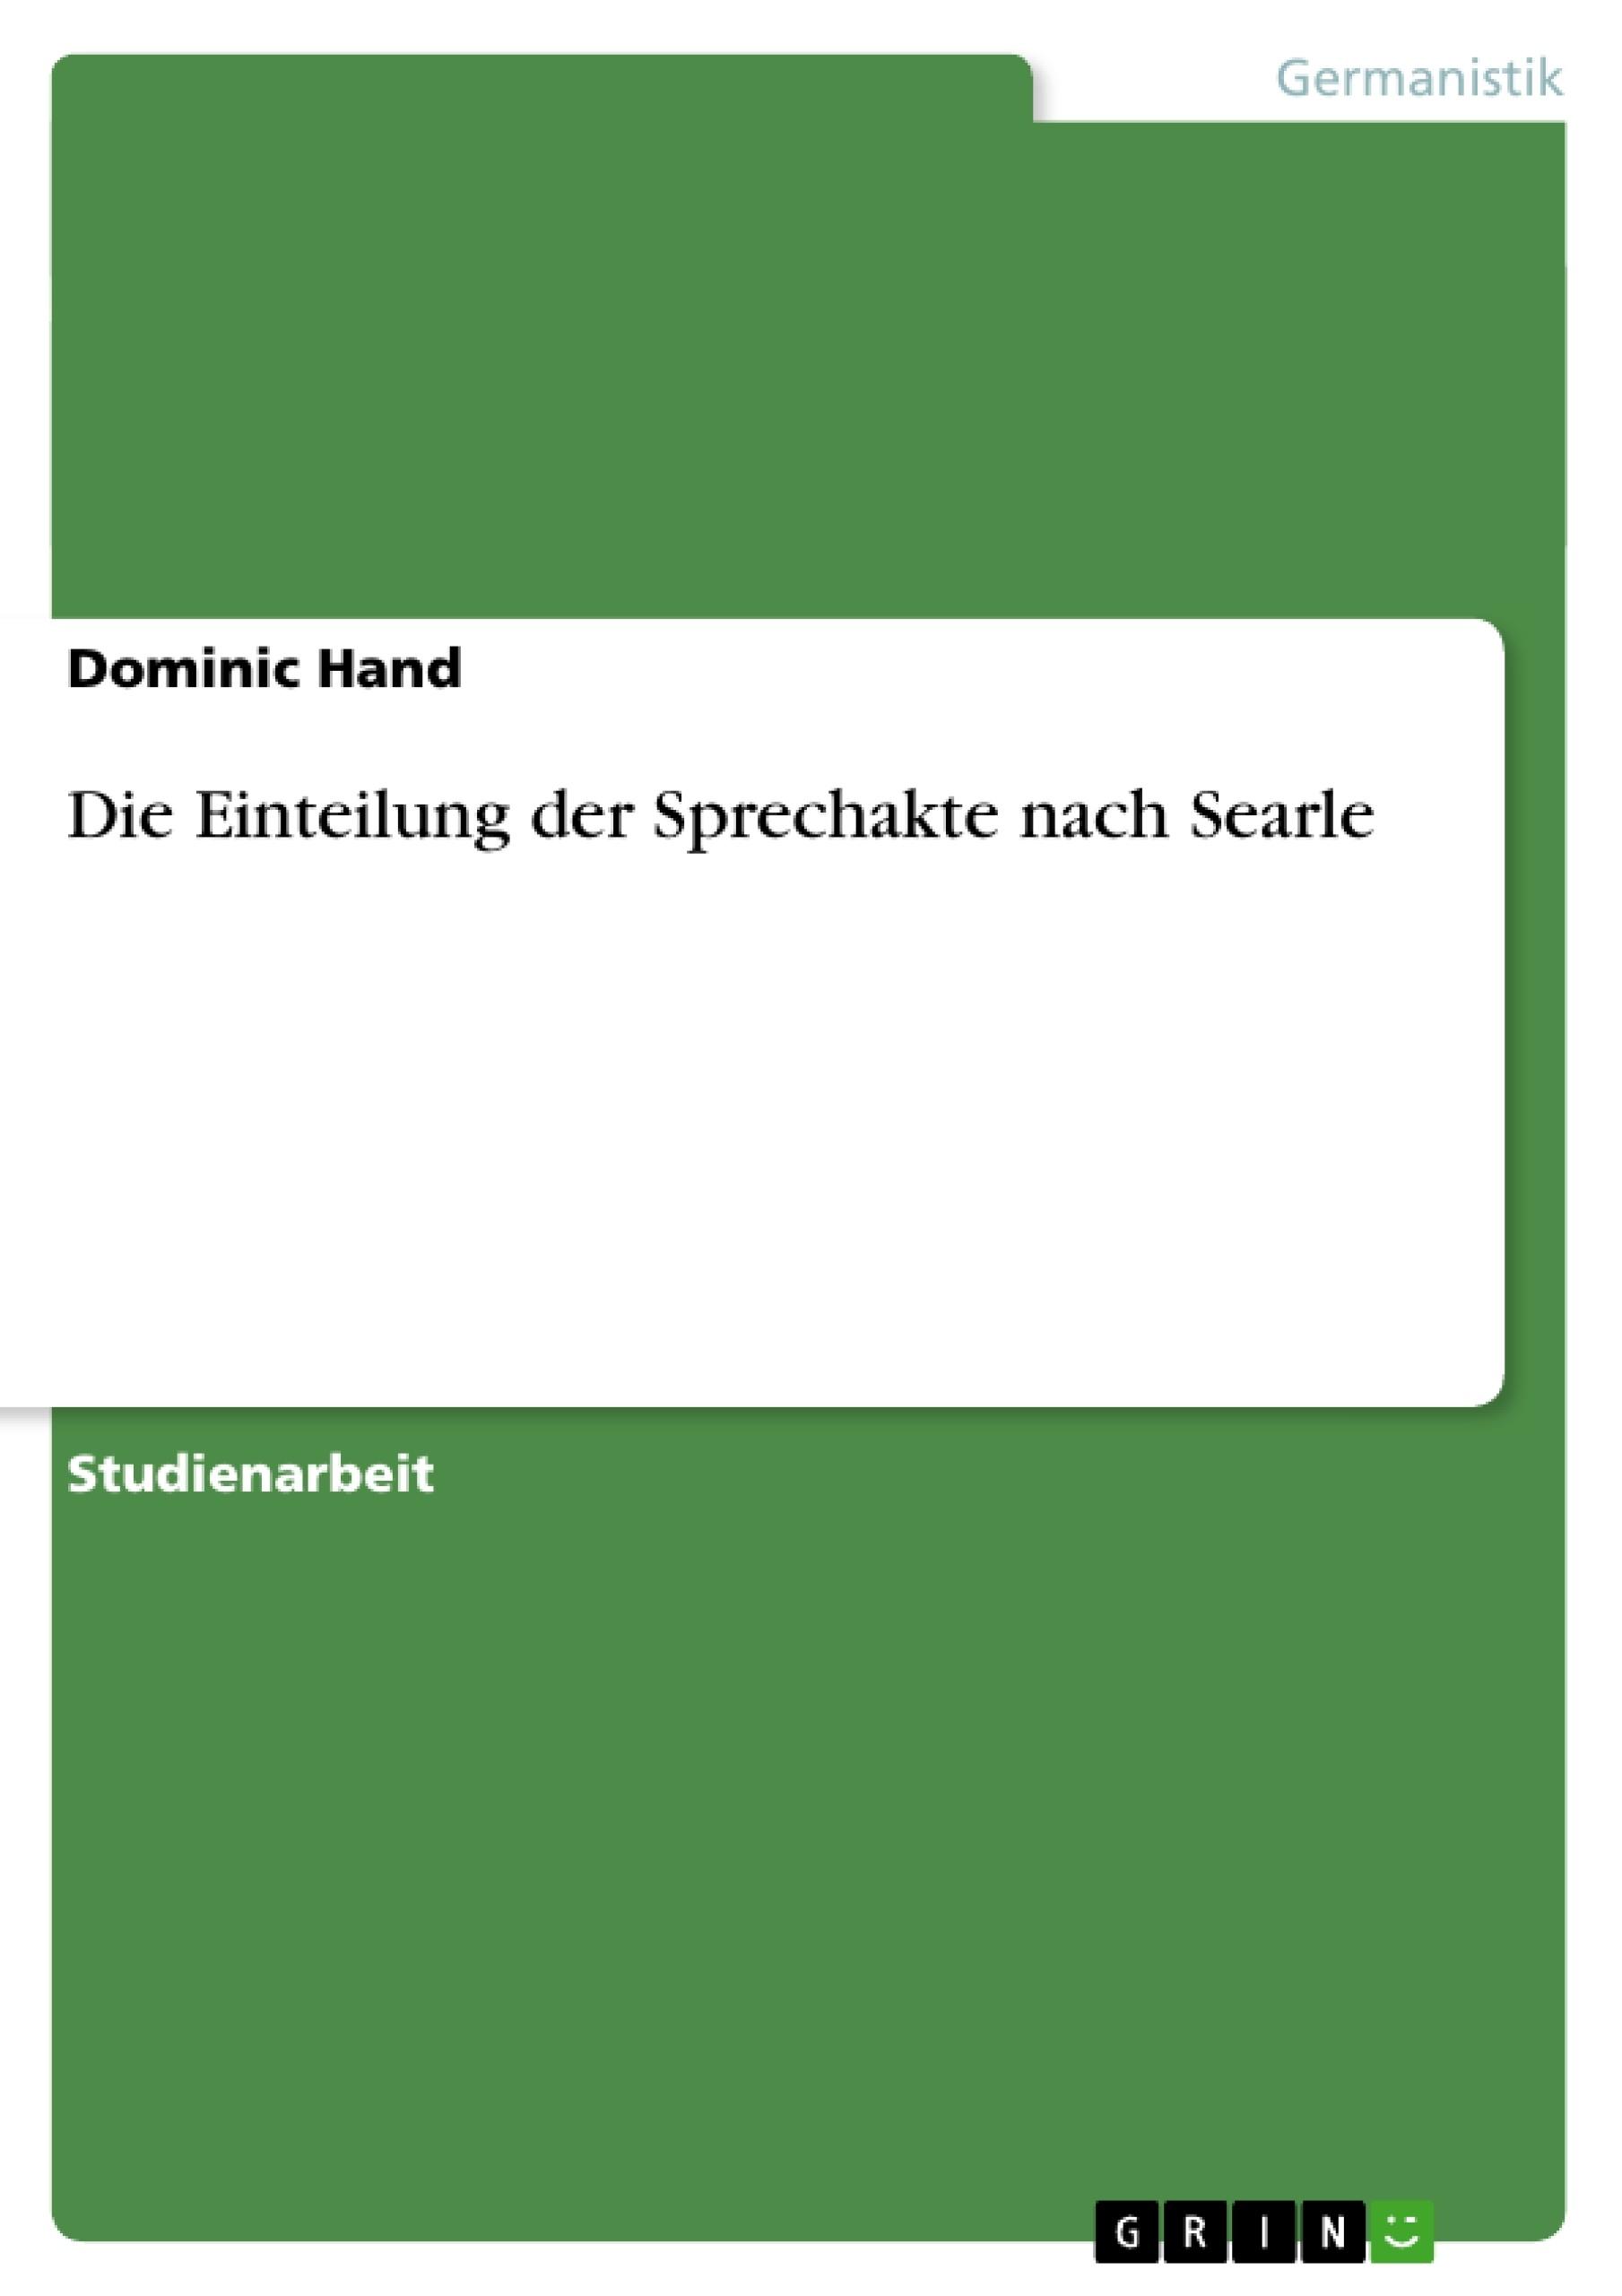 Titel: Die Einteilung der Sprechakte nach Searle